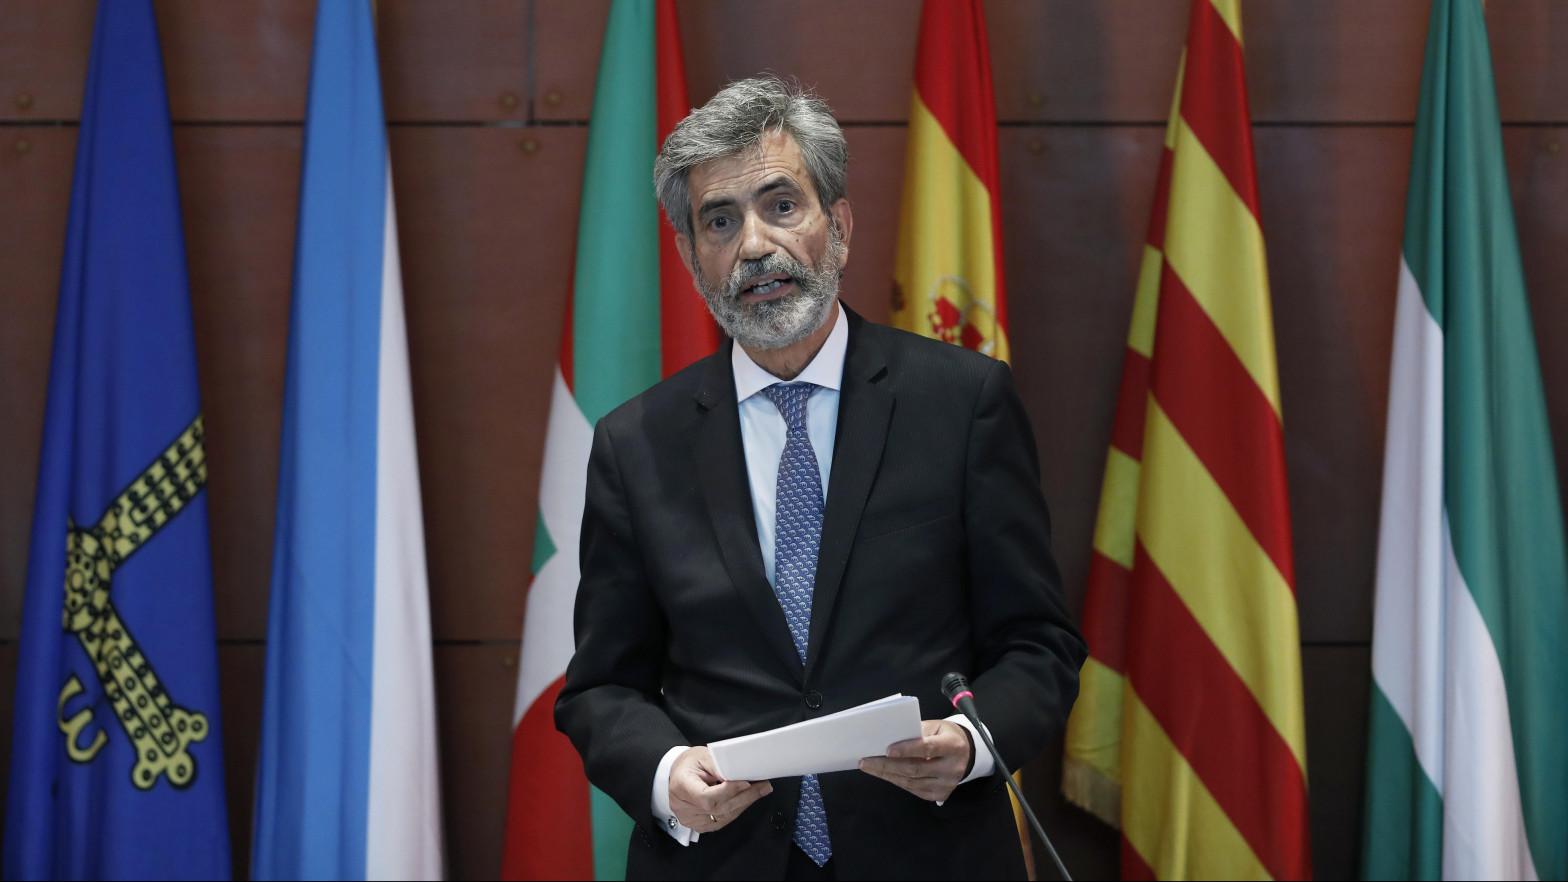 Tres asociaciones de jueces instan al CGPJ a defender sus competencias tras la reforma que limita sus funciones